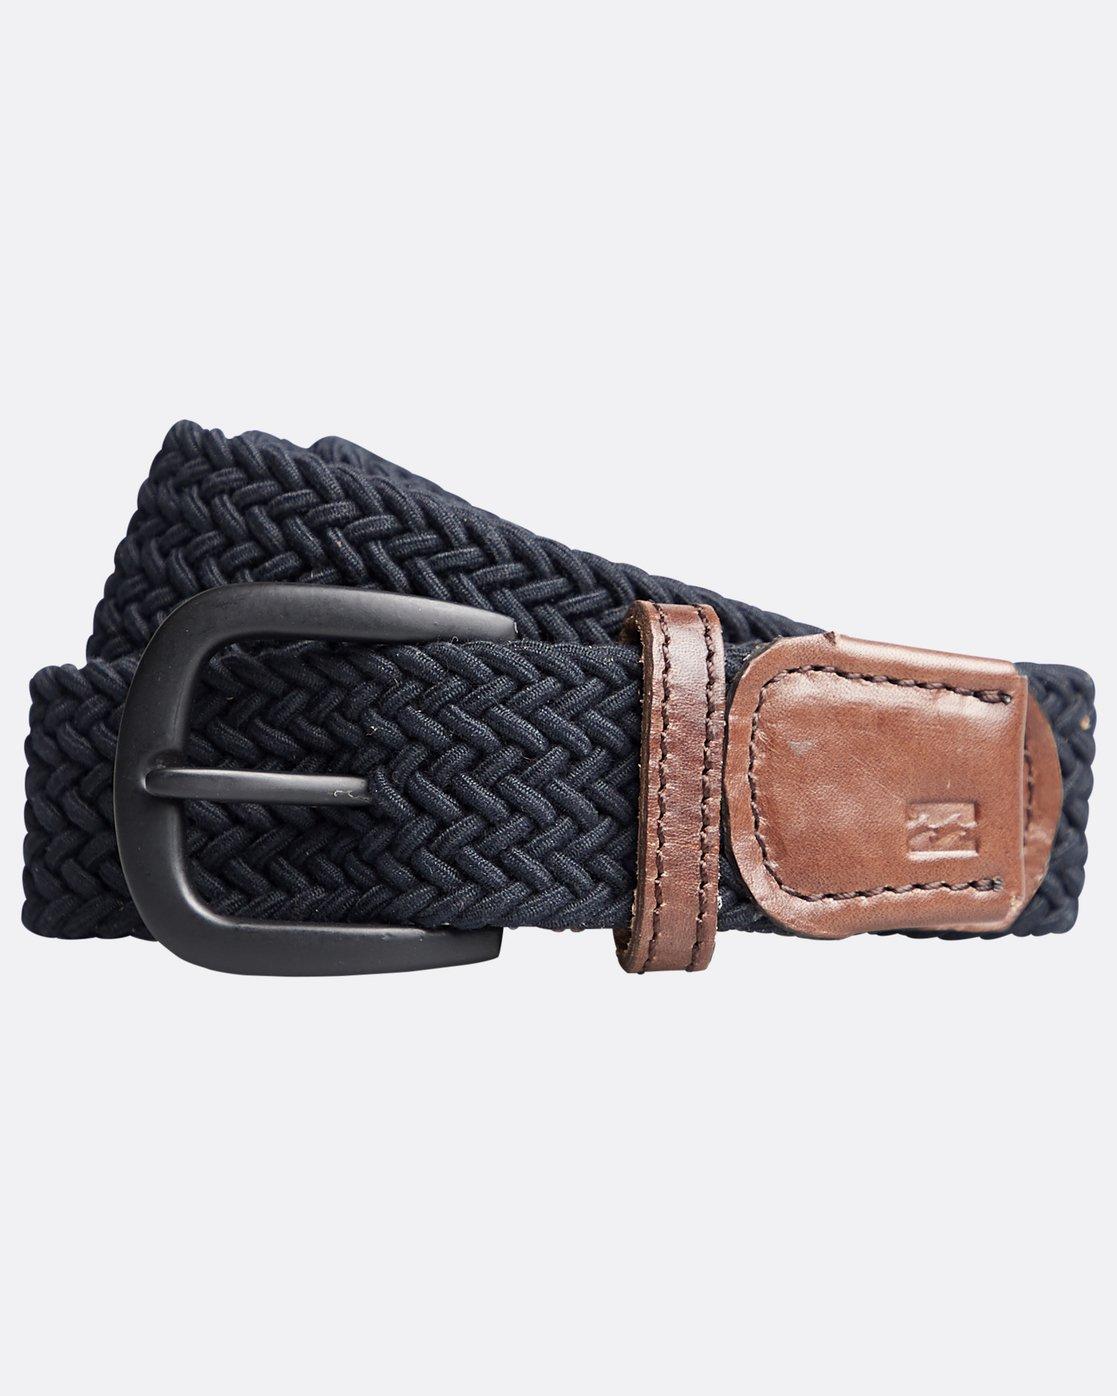 baratas para descuento bbad3 37f11 Garza - Cinturón para Hombre